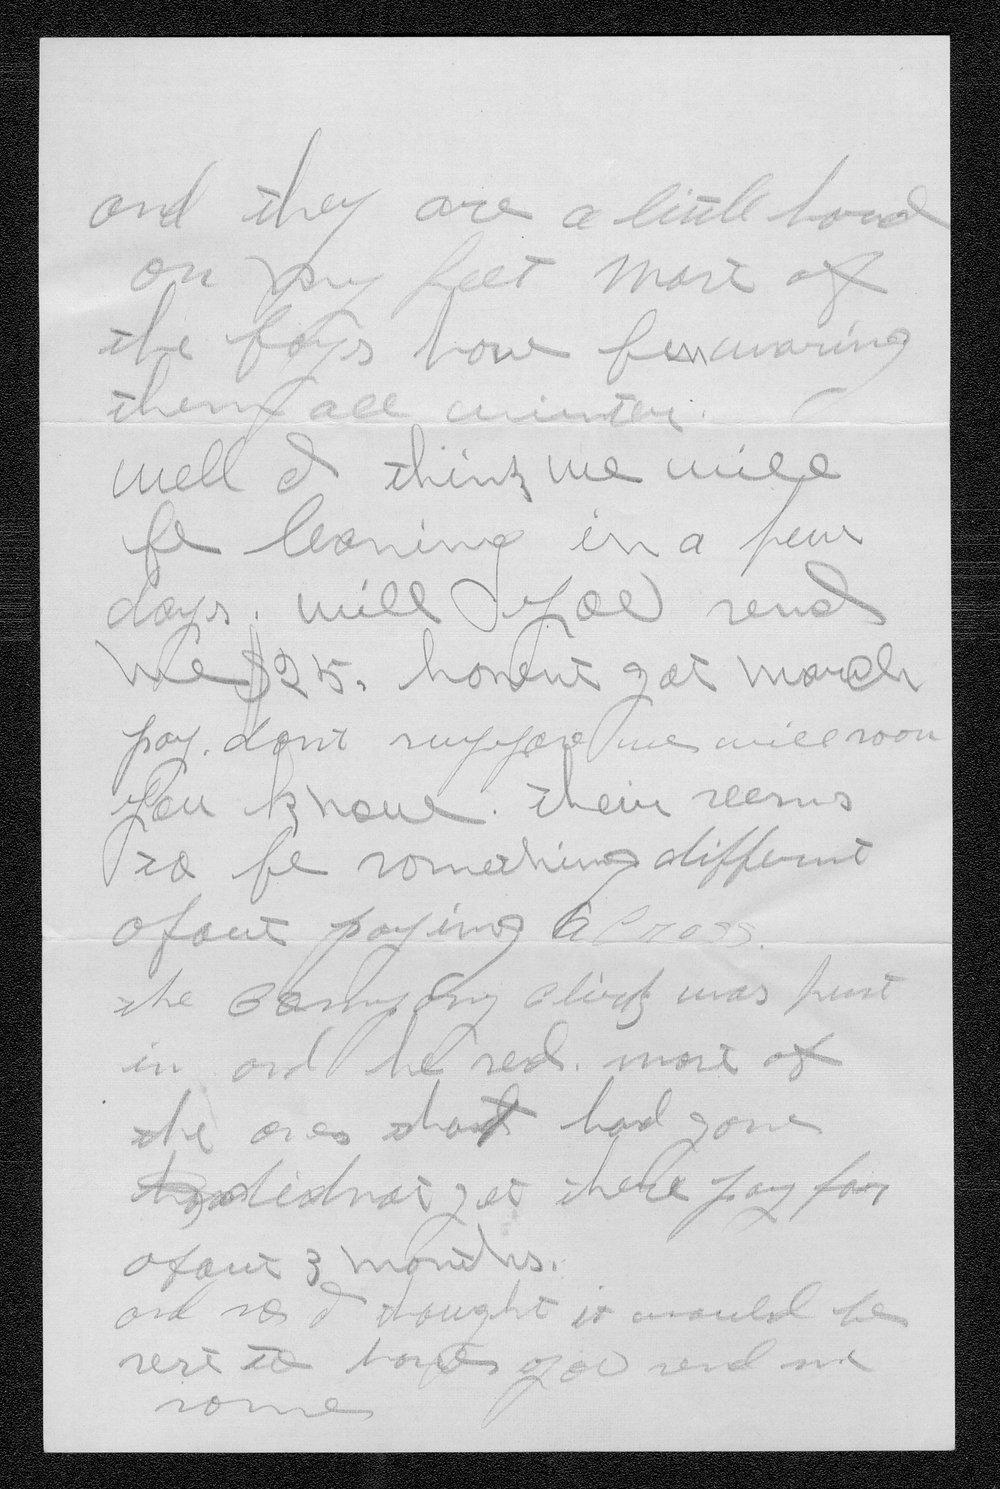 Thomas C. Ingraham, World War I soldier - 12